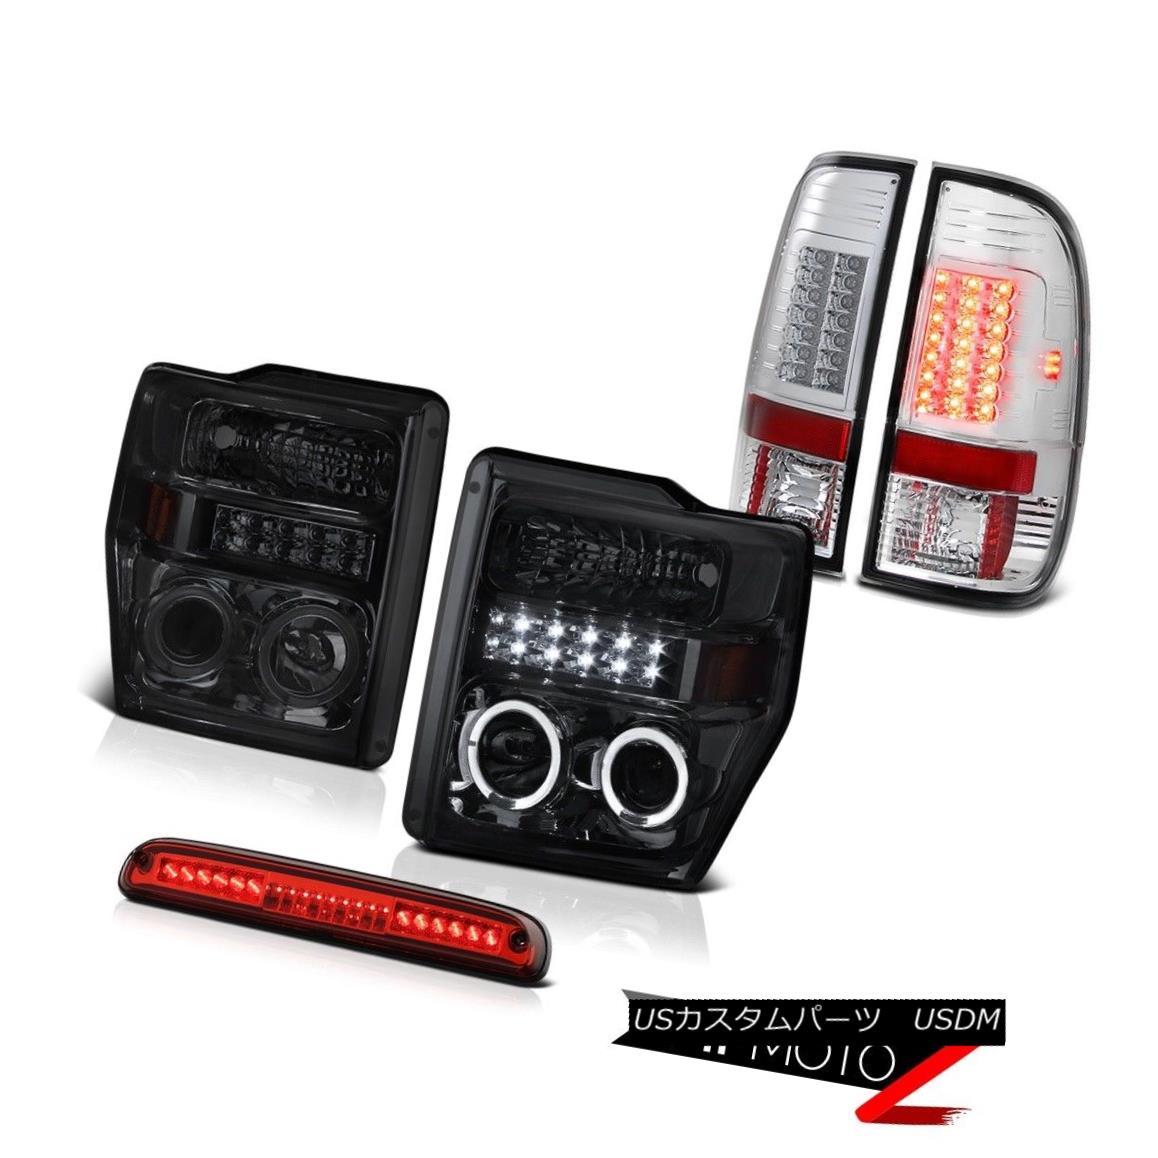 テールライト Smoke DRL Headlight Chrome LED Taillamps Roof Brake Red 2008 2009 2010 F350 5.4L スモークDRLヘッドライトクロームLEDタイルランプルーフブレーキレッド2008 2009 2010 F350 5.4L